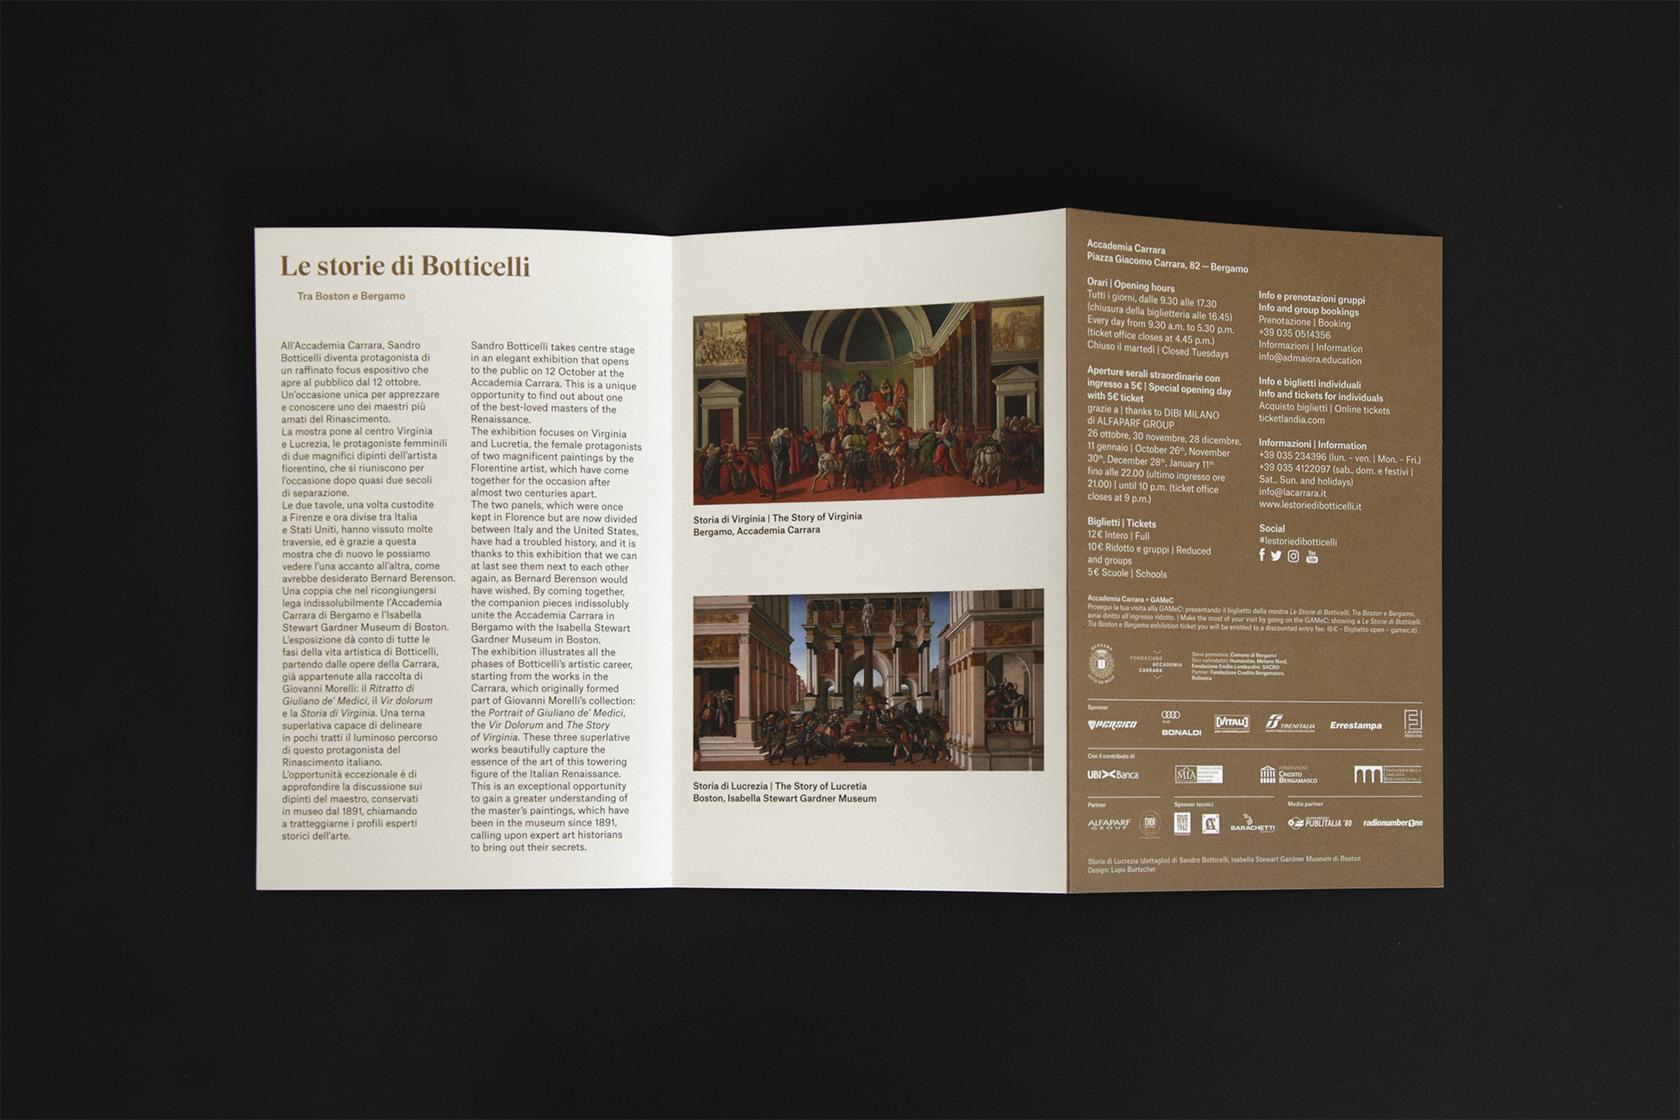 Le storie di Botticelli - Lupo Burtscher